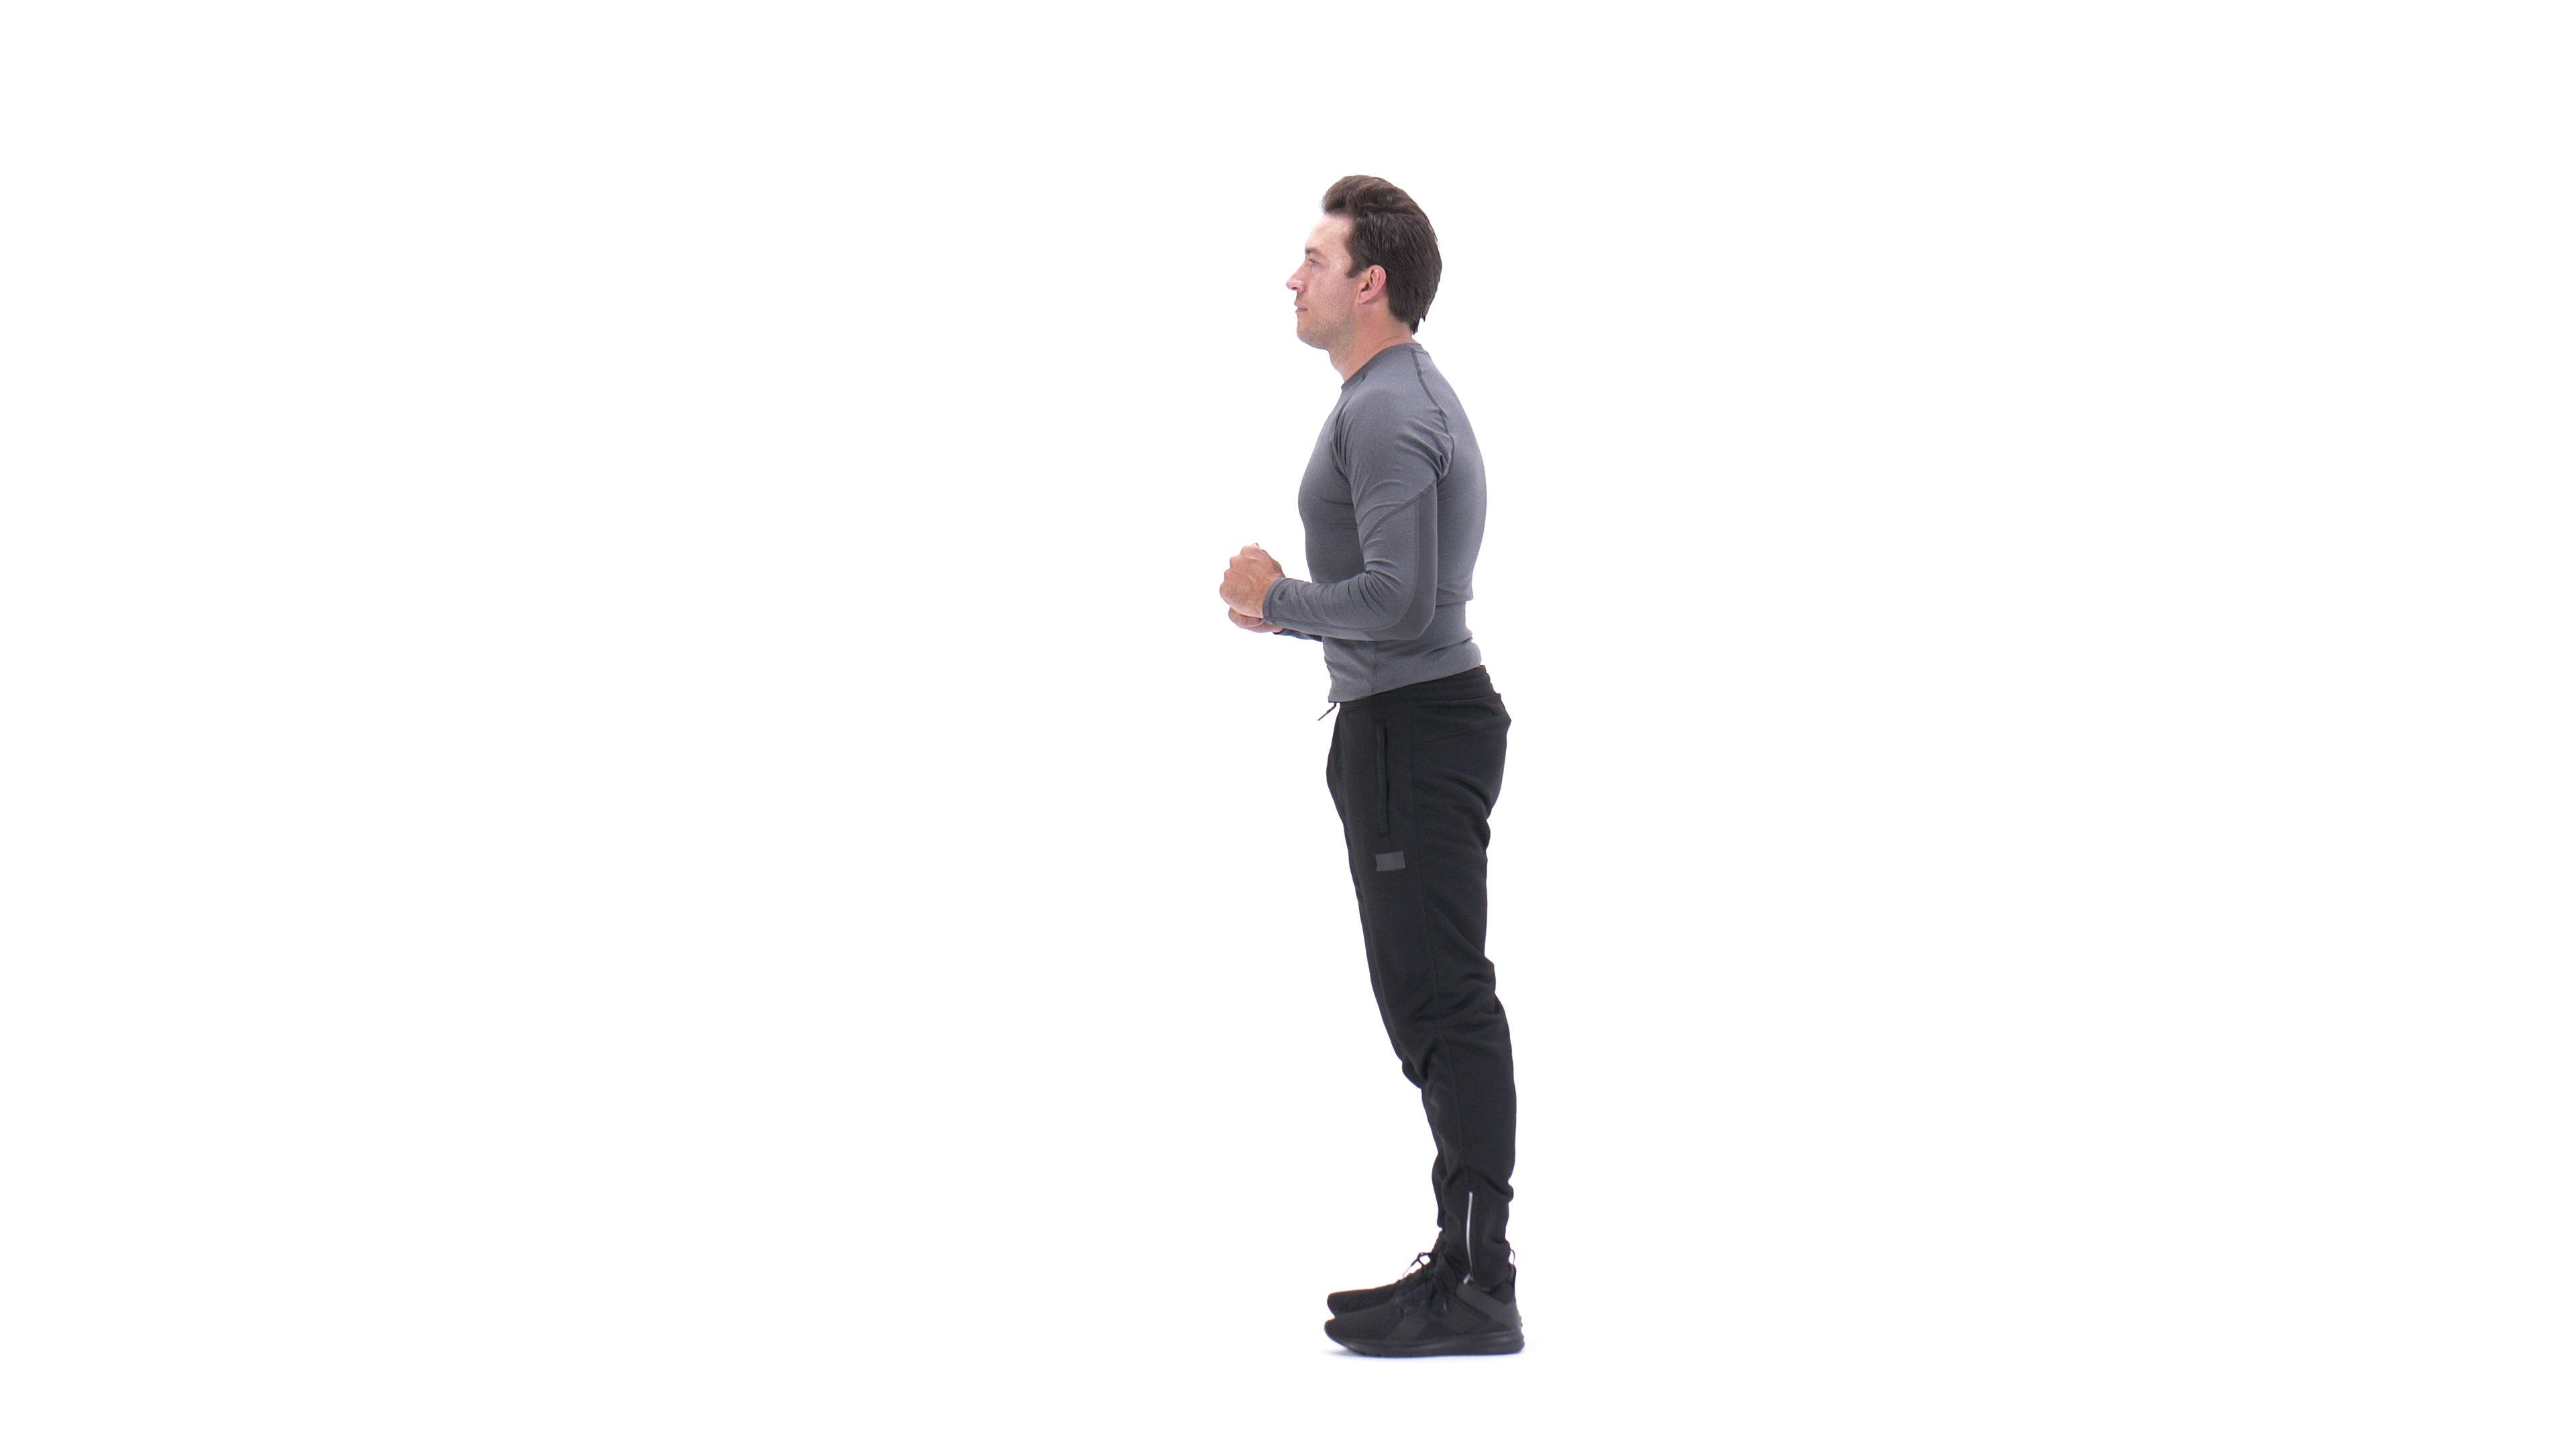 Forward lunge image